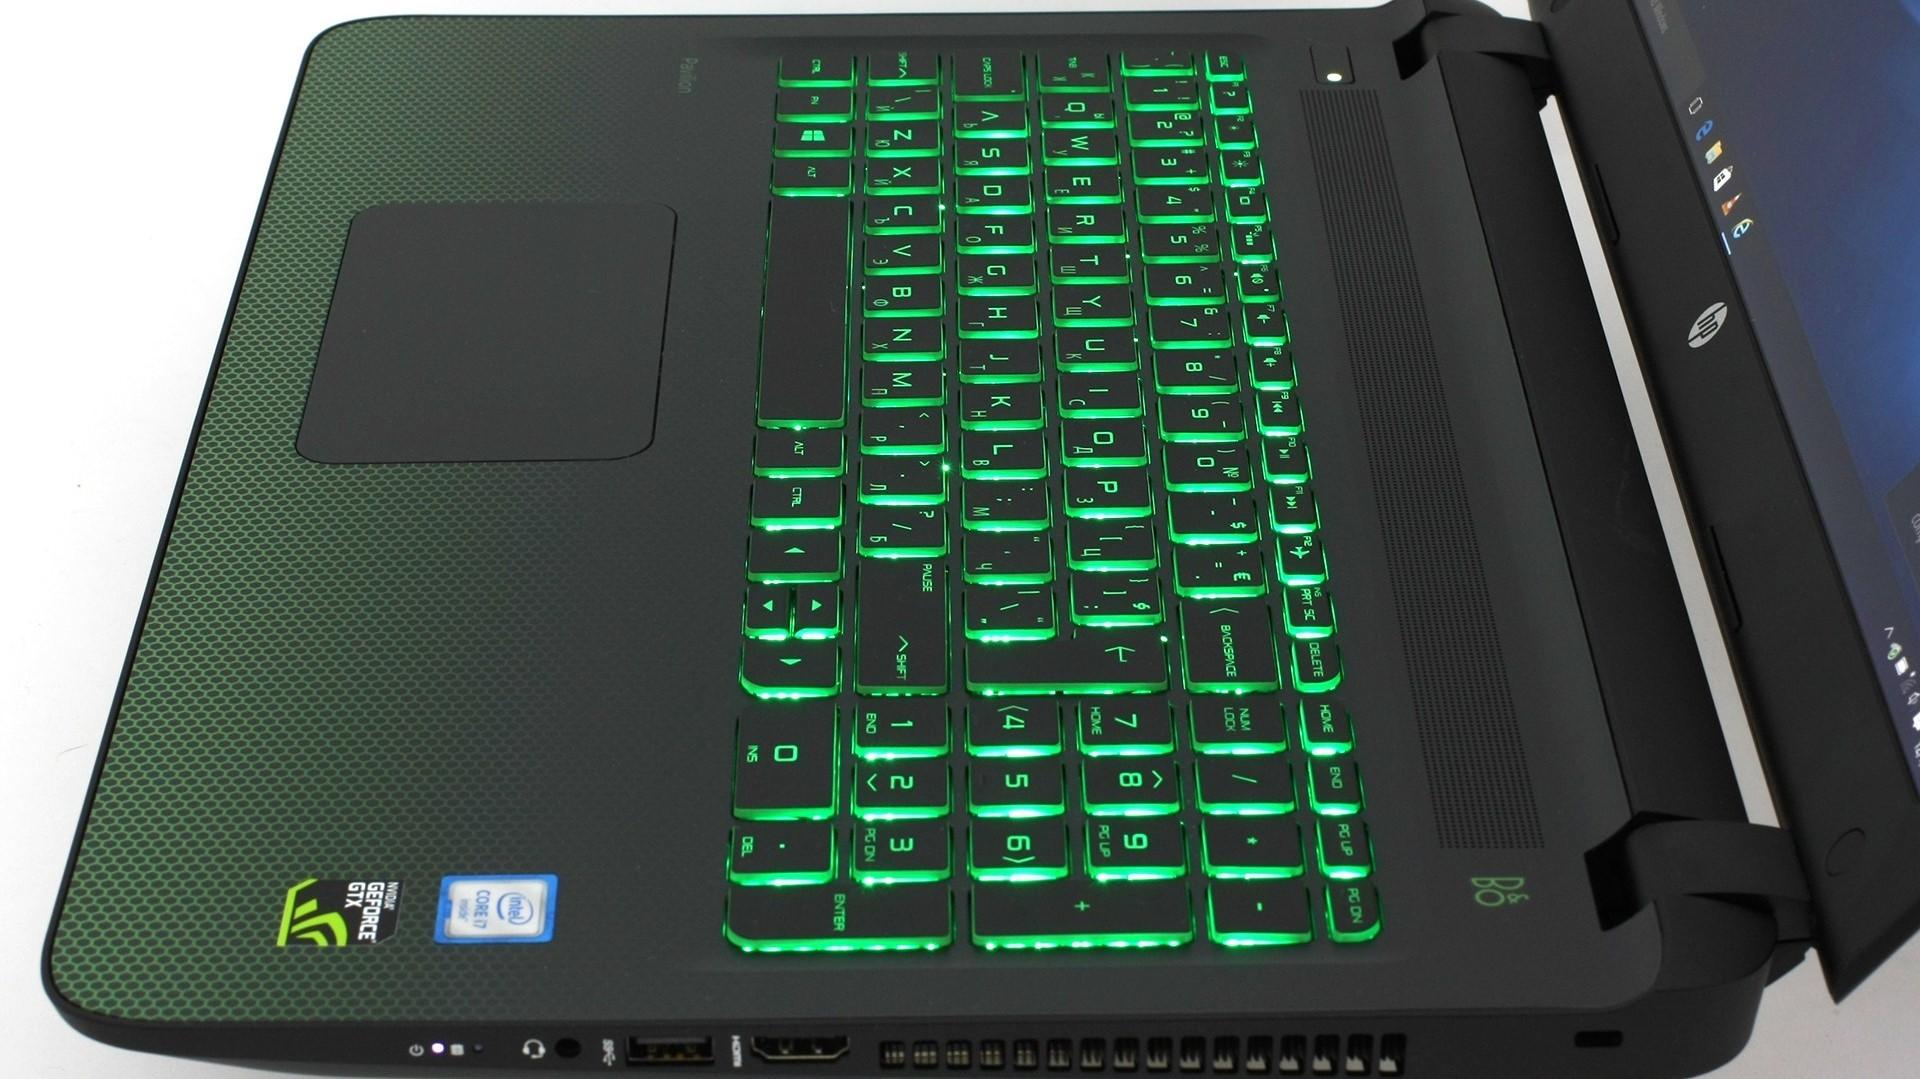 HP представила линейку игровых компьютеров начального уровня